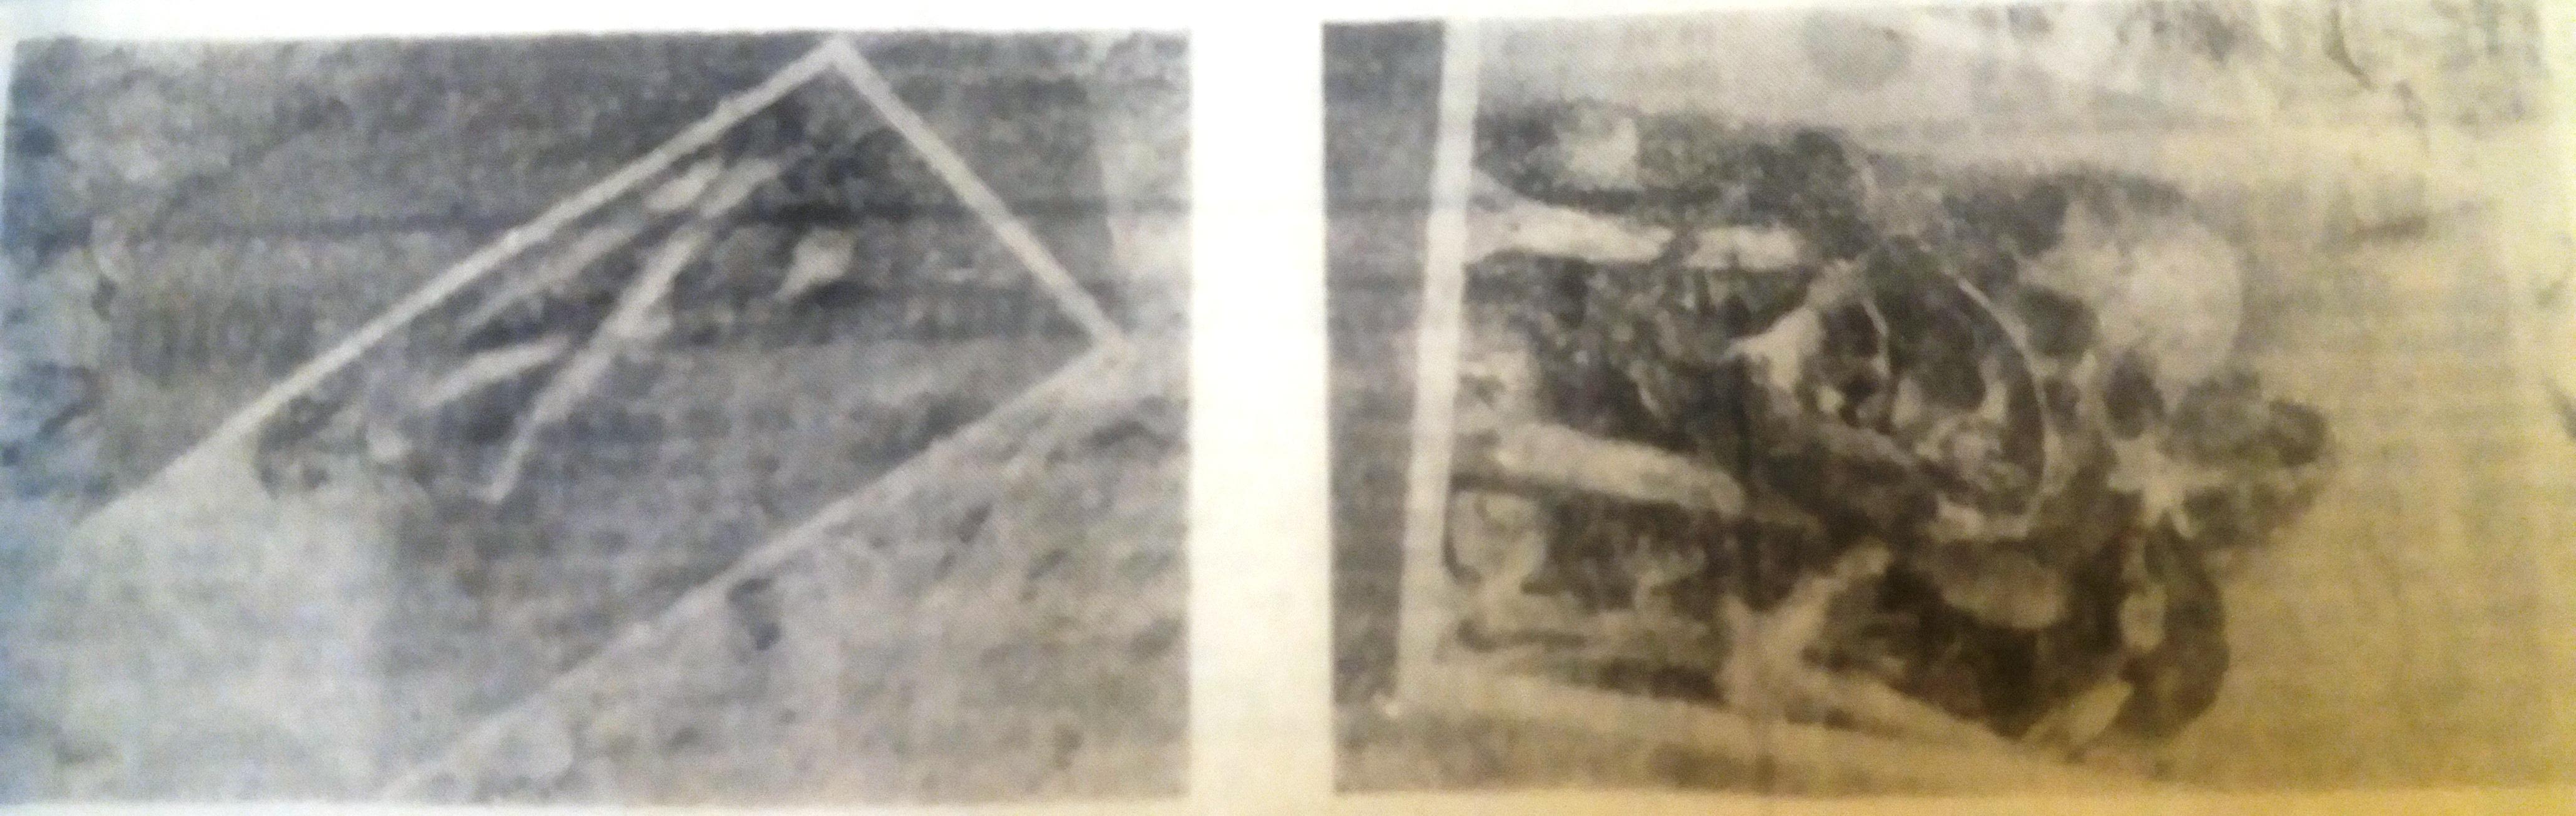 Autoritățile române au respectat memoria ostașilor sovietici cotropitori.